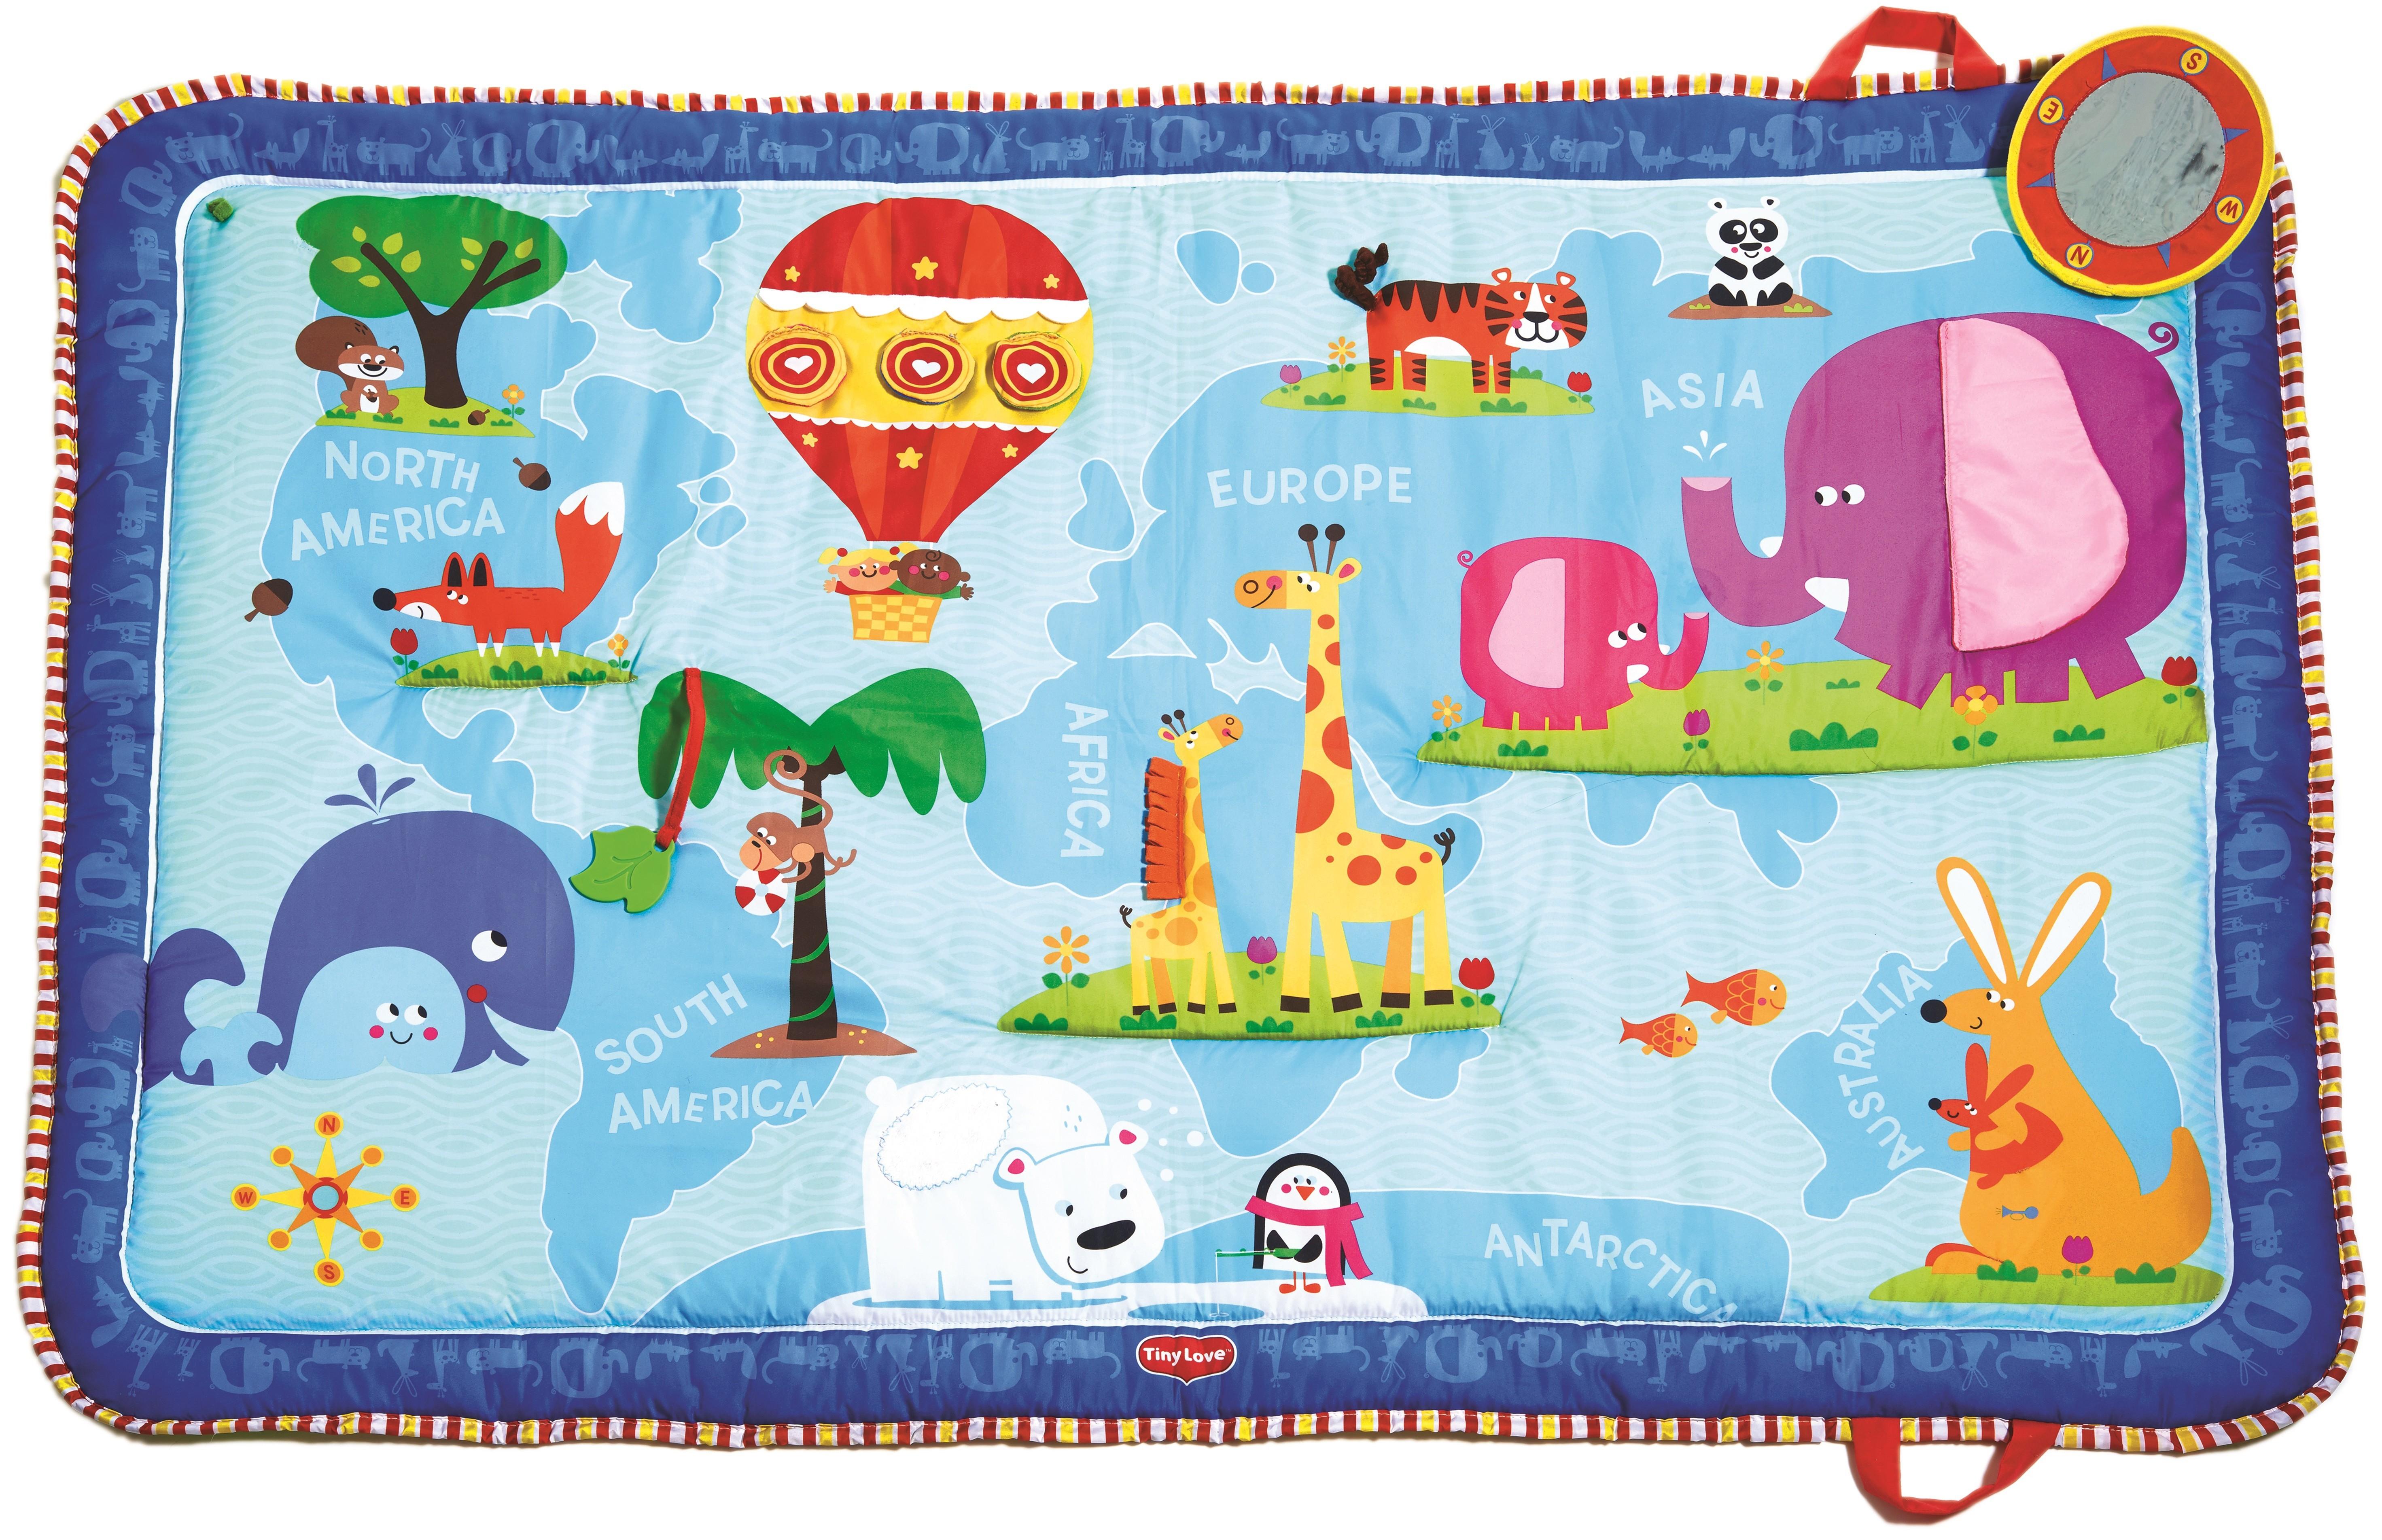 Купить Развивающие коврики, Travel - моя планета, Tiny Love, Китай, сине-голубой